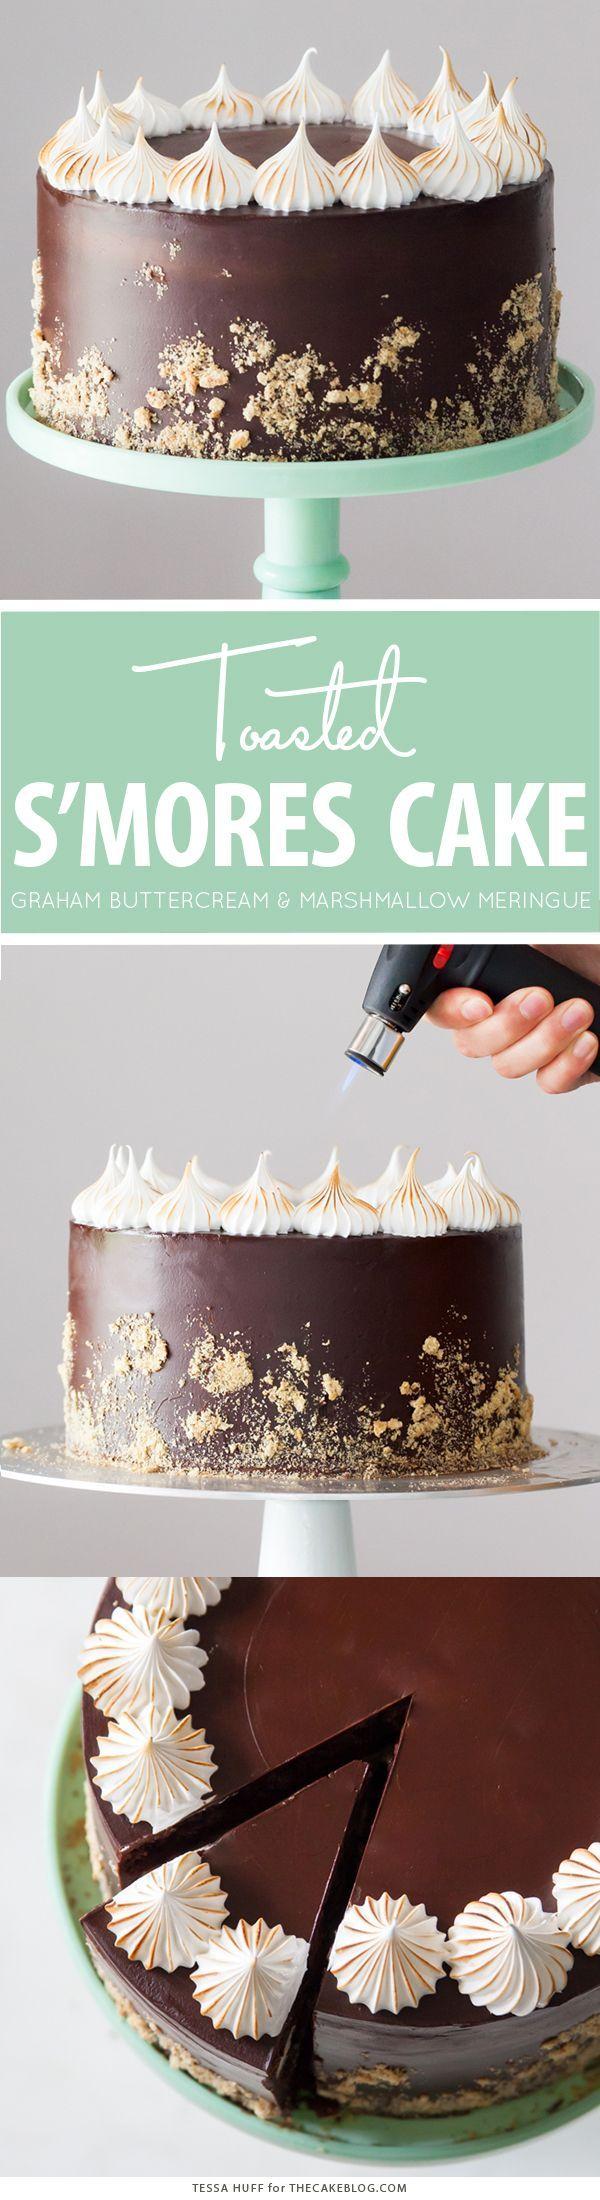 S'mores Cake - s'más inspirado receta de pastel de capas con pastel de chocolate, crema de mantequilla graham cracker, ganache de chocolate y malvavisco tostado merengue | por Tessa Huff para TheCakeBlog.com